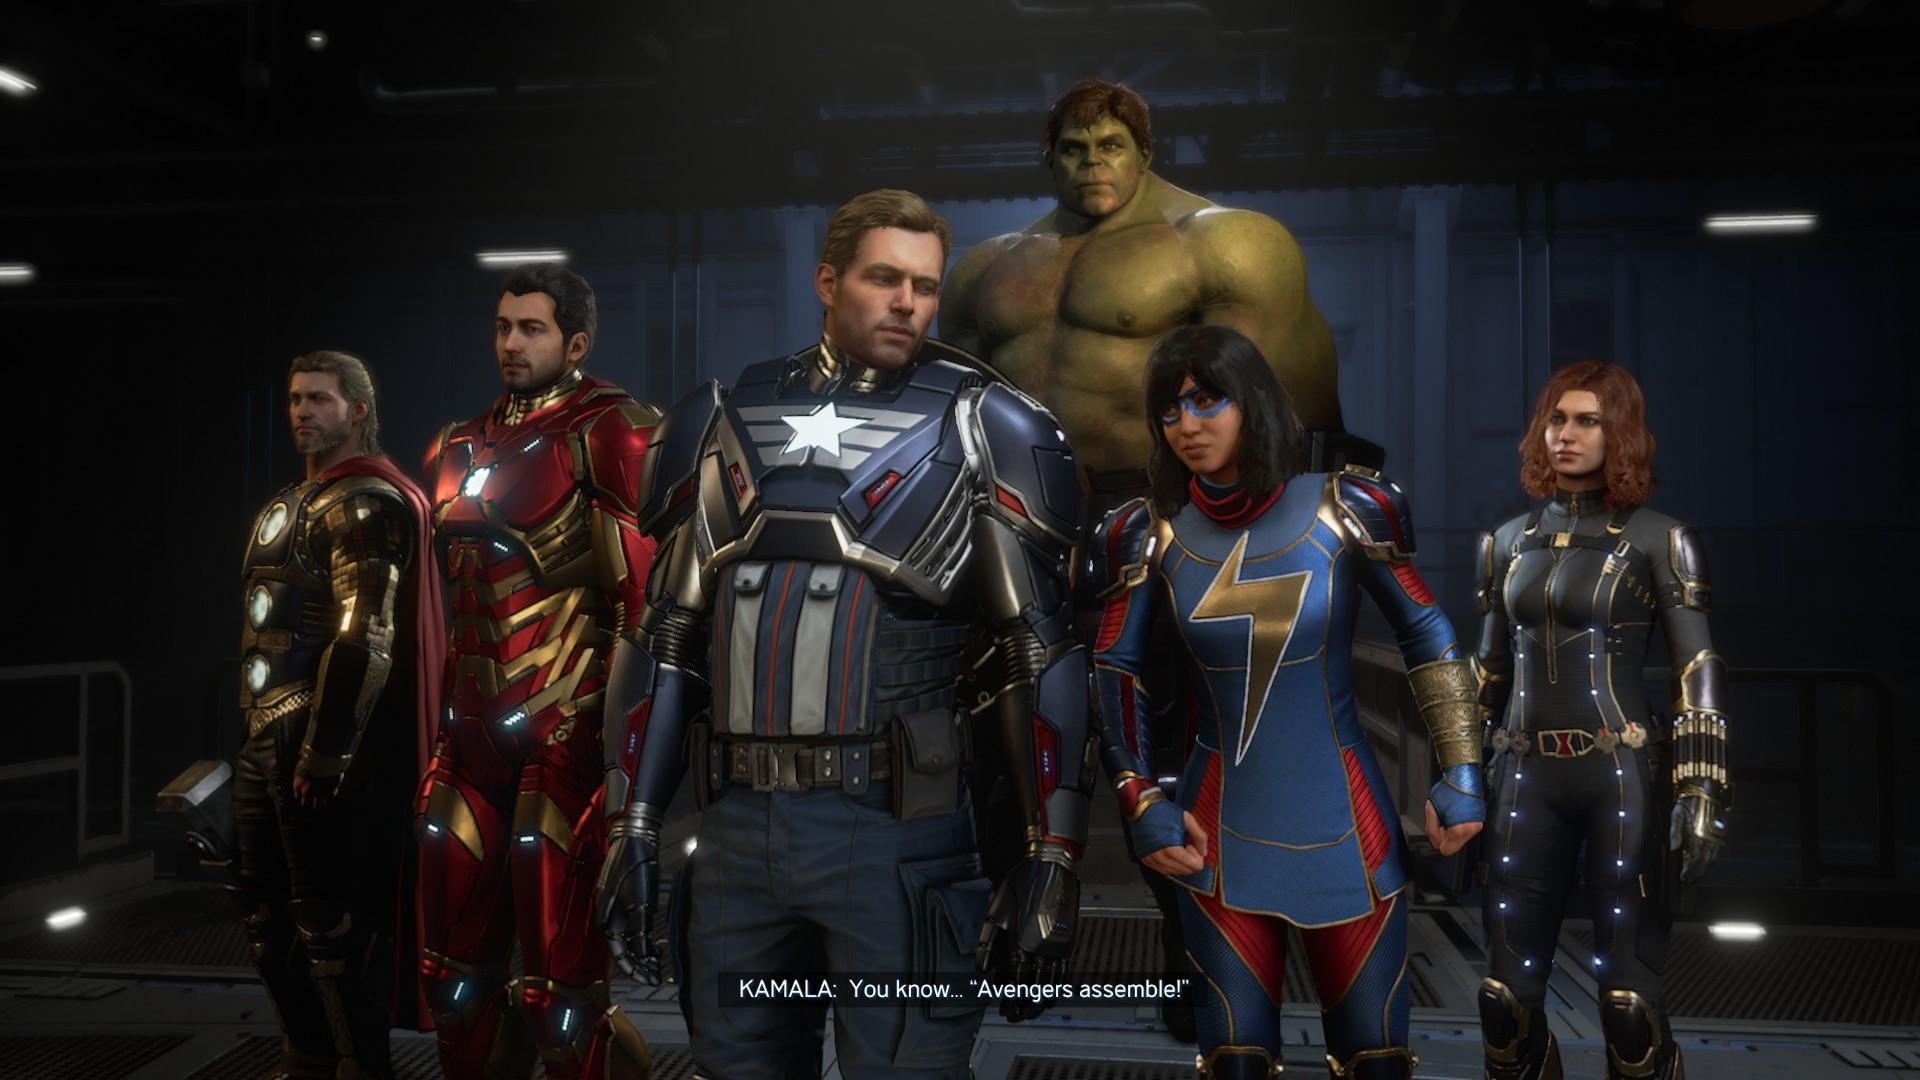 Avengers képernyőmentés, amin a Bosszúállók gyülekeznek